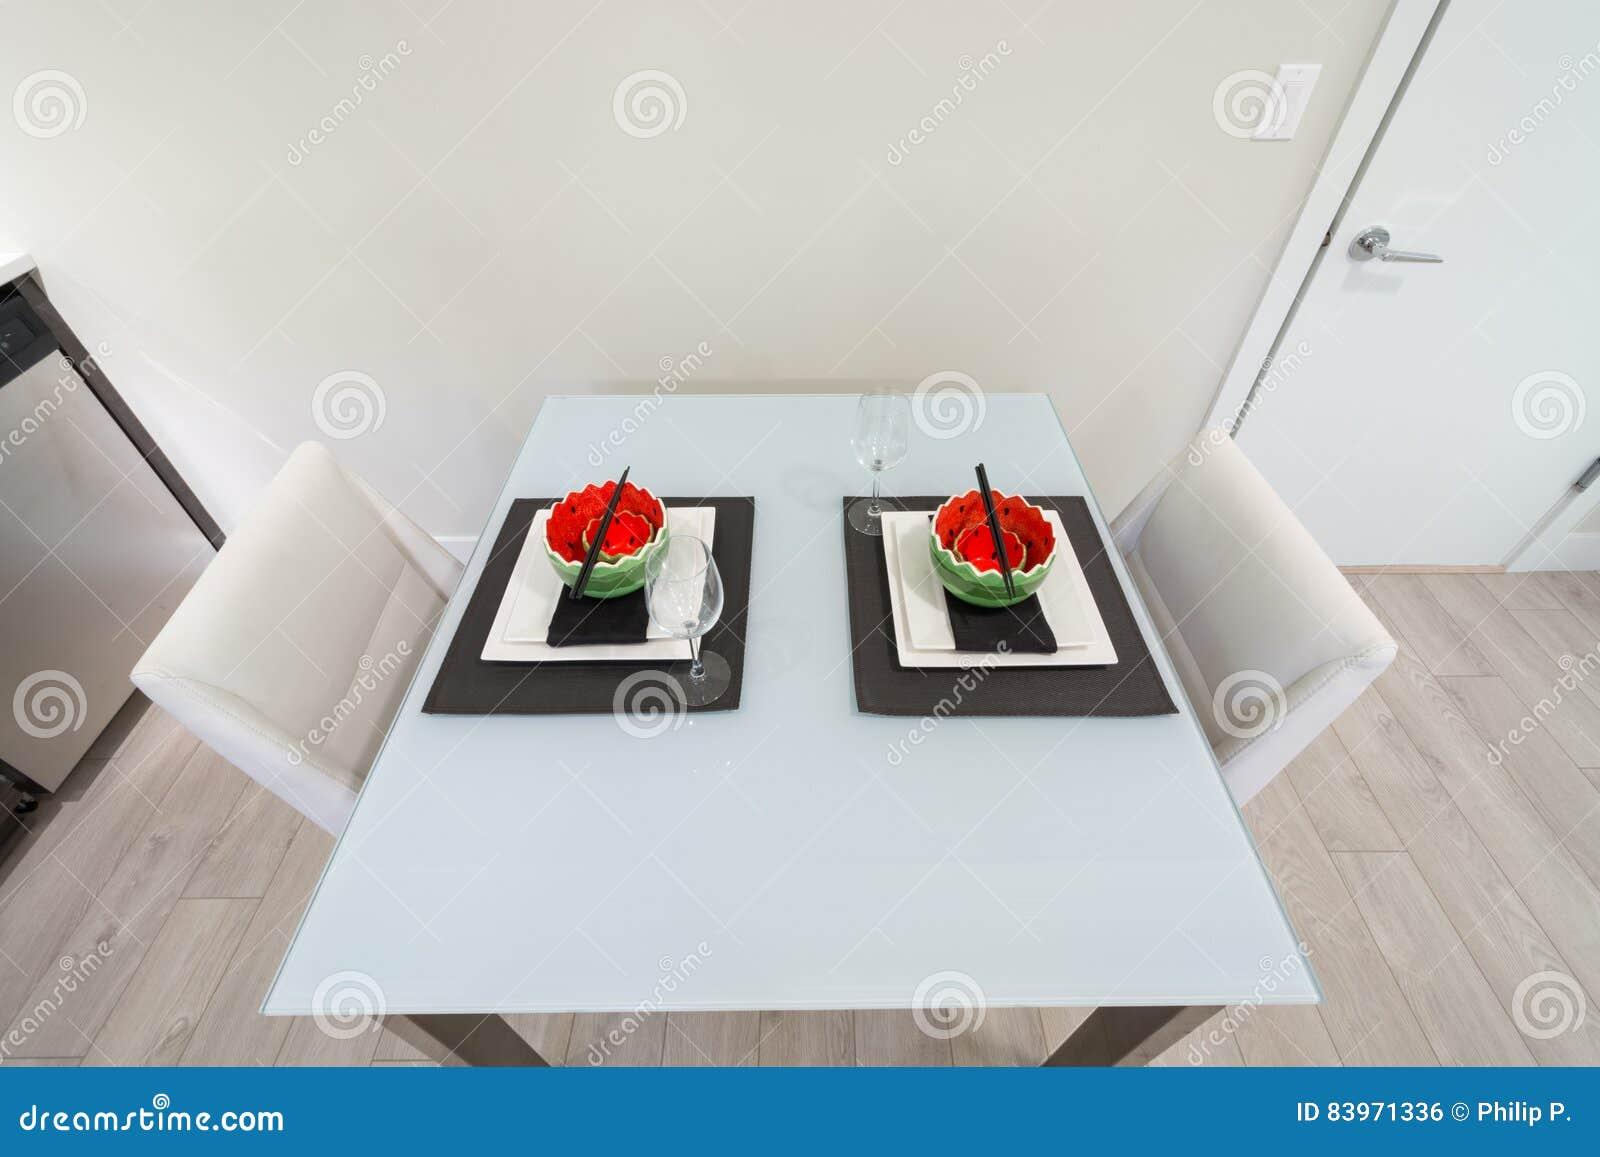 La Table De Salle à Manger A Placé Pour Deux Dans Une Cuisine Moderne